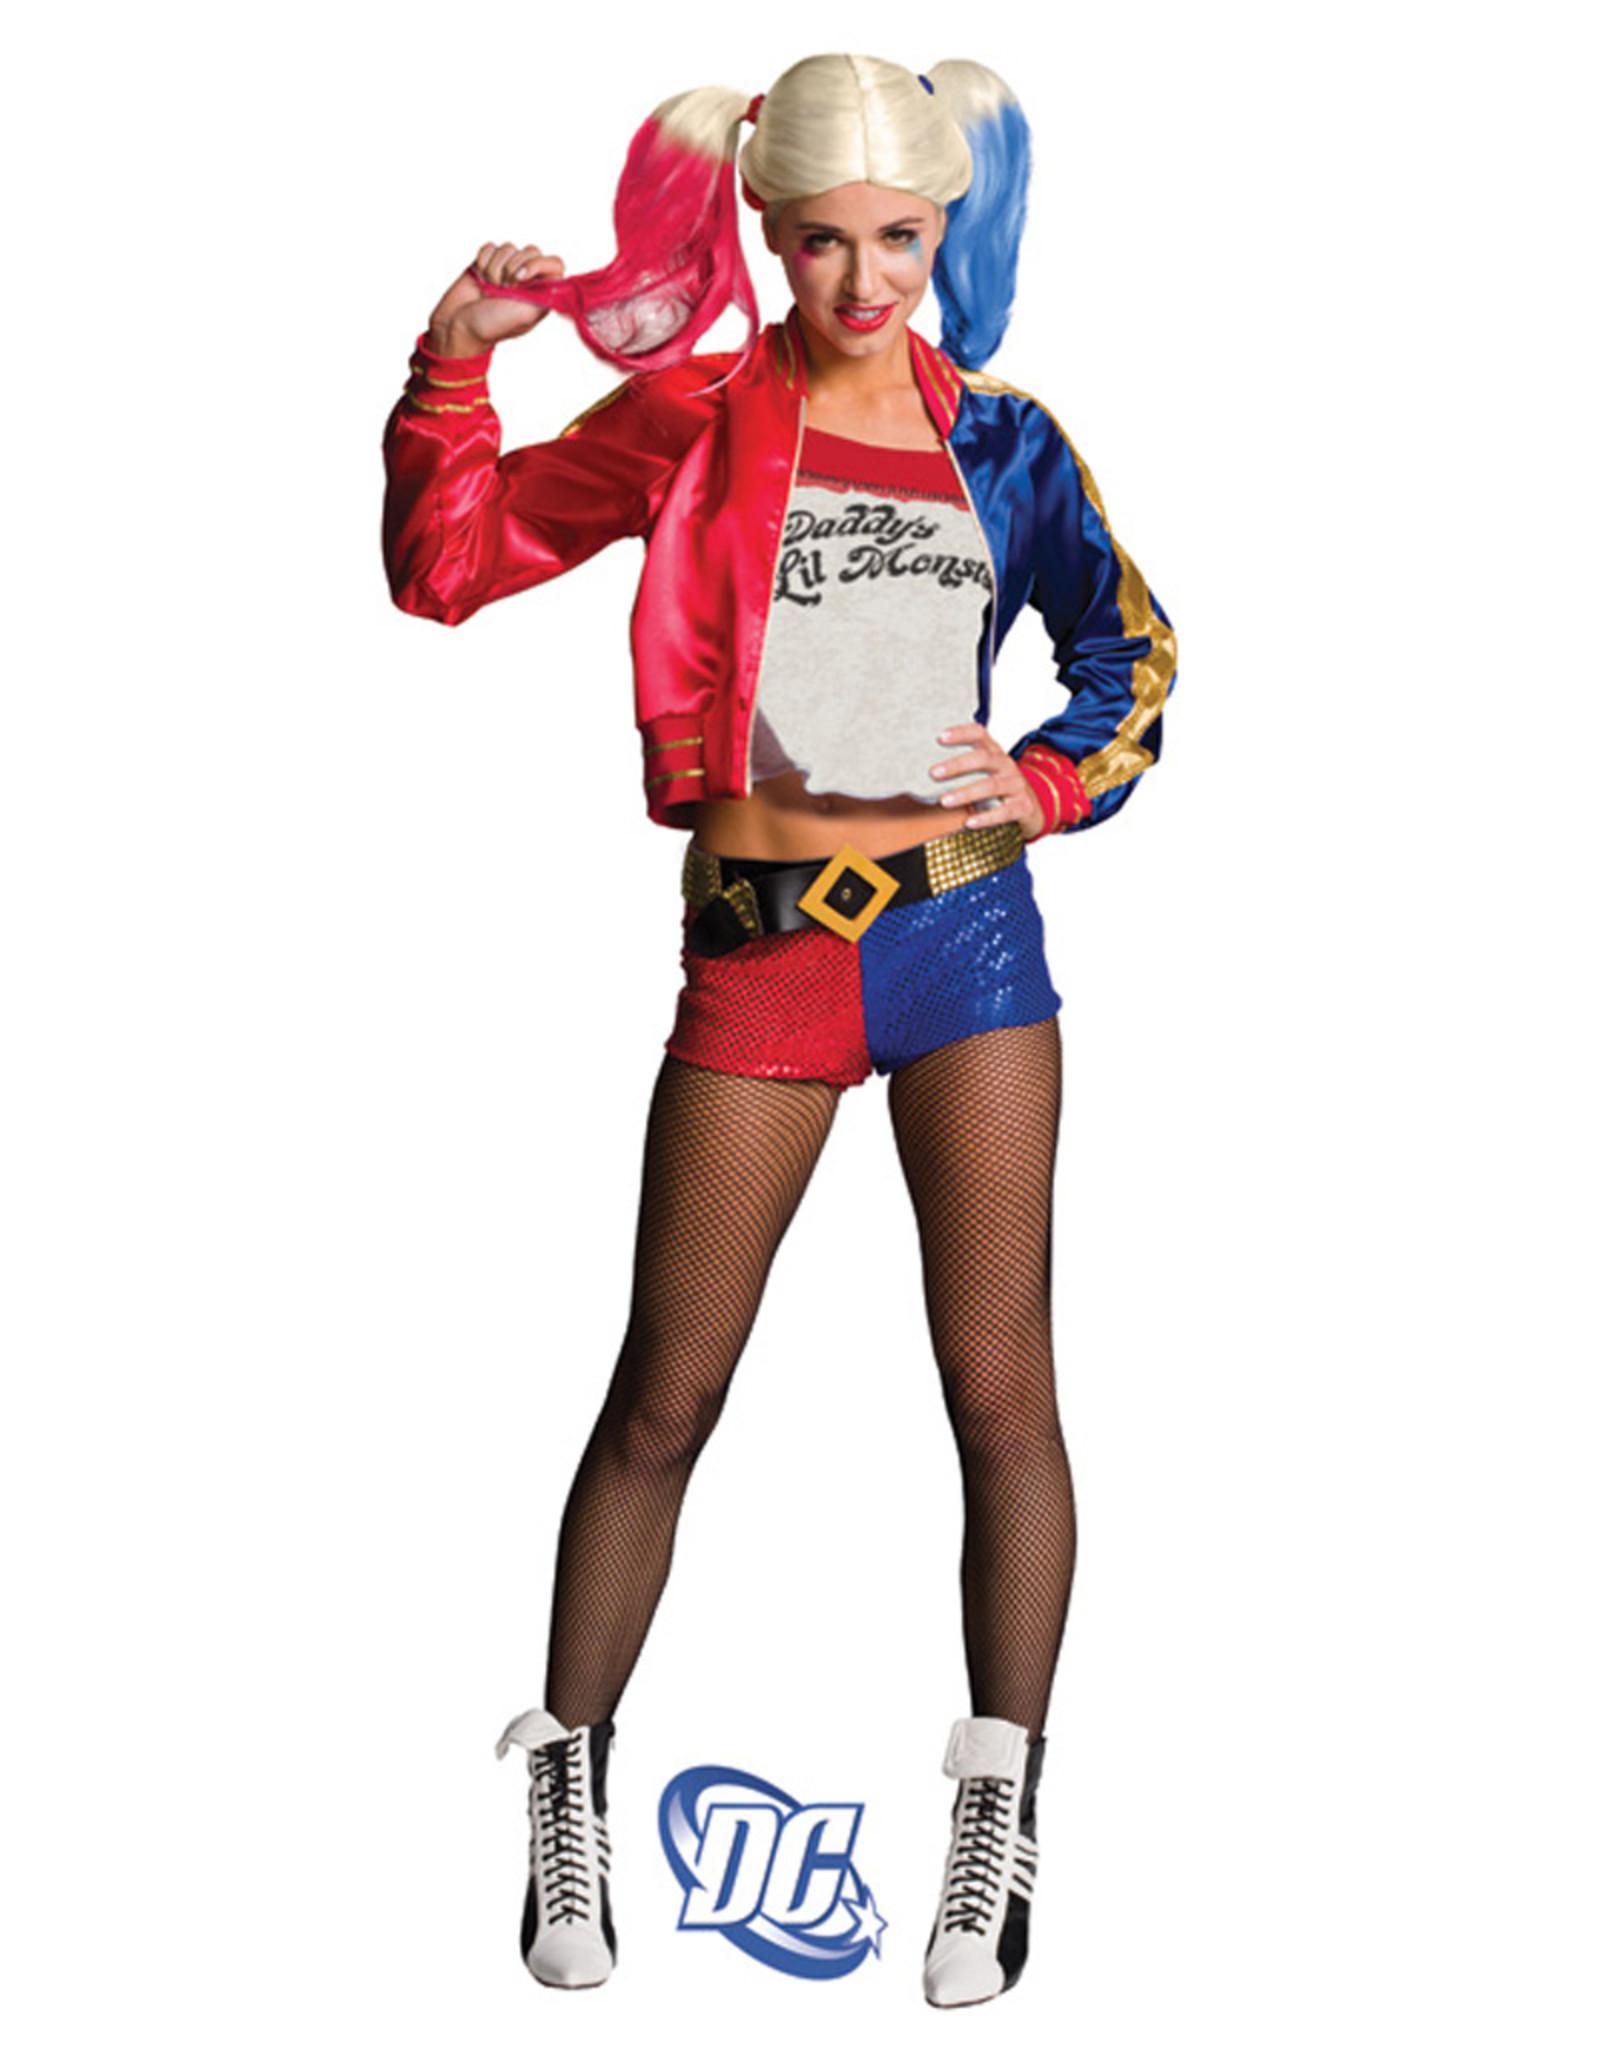 Harley Quinn Deluxe Costume - Women's